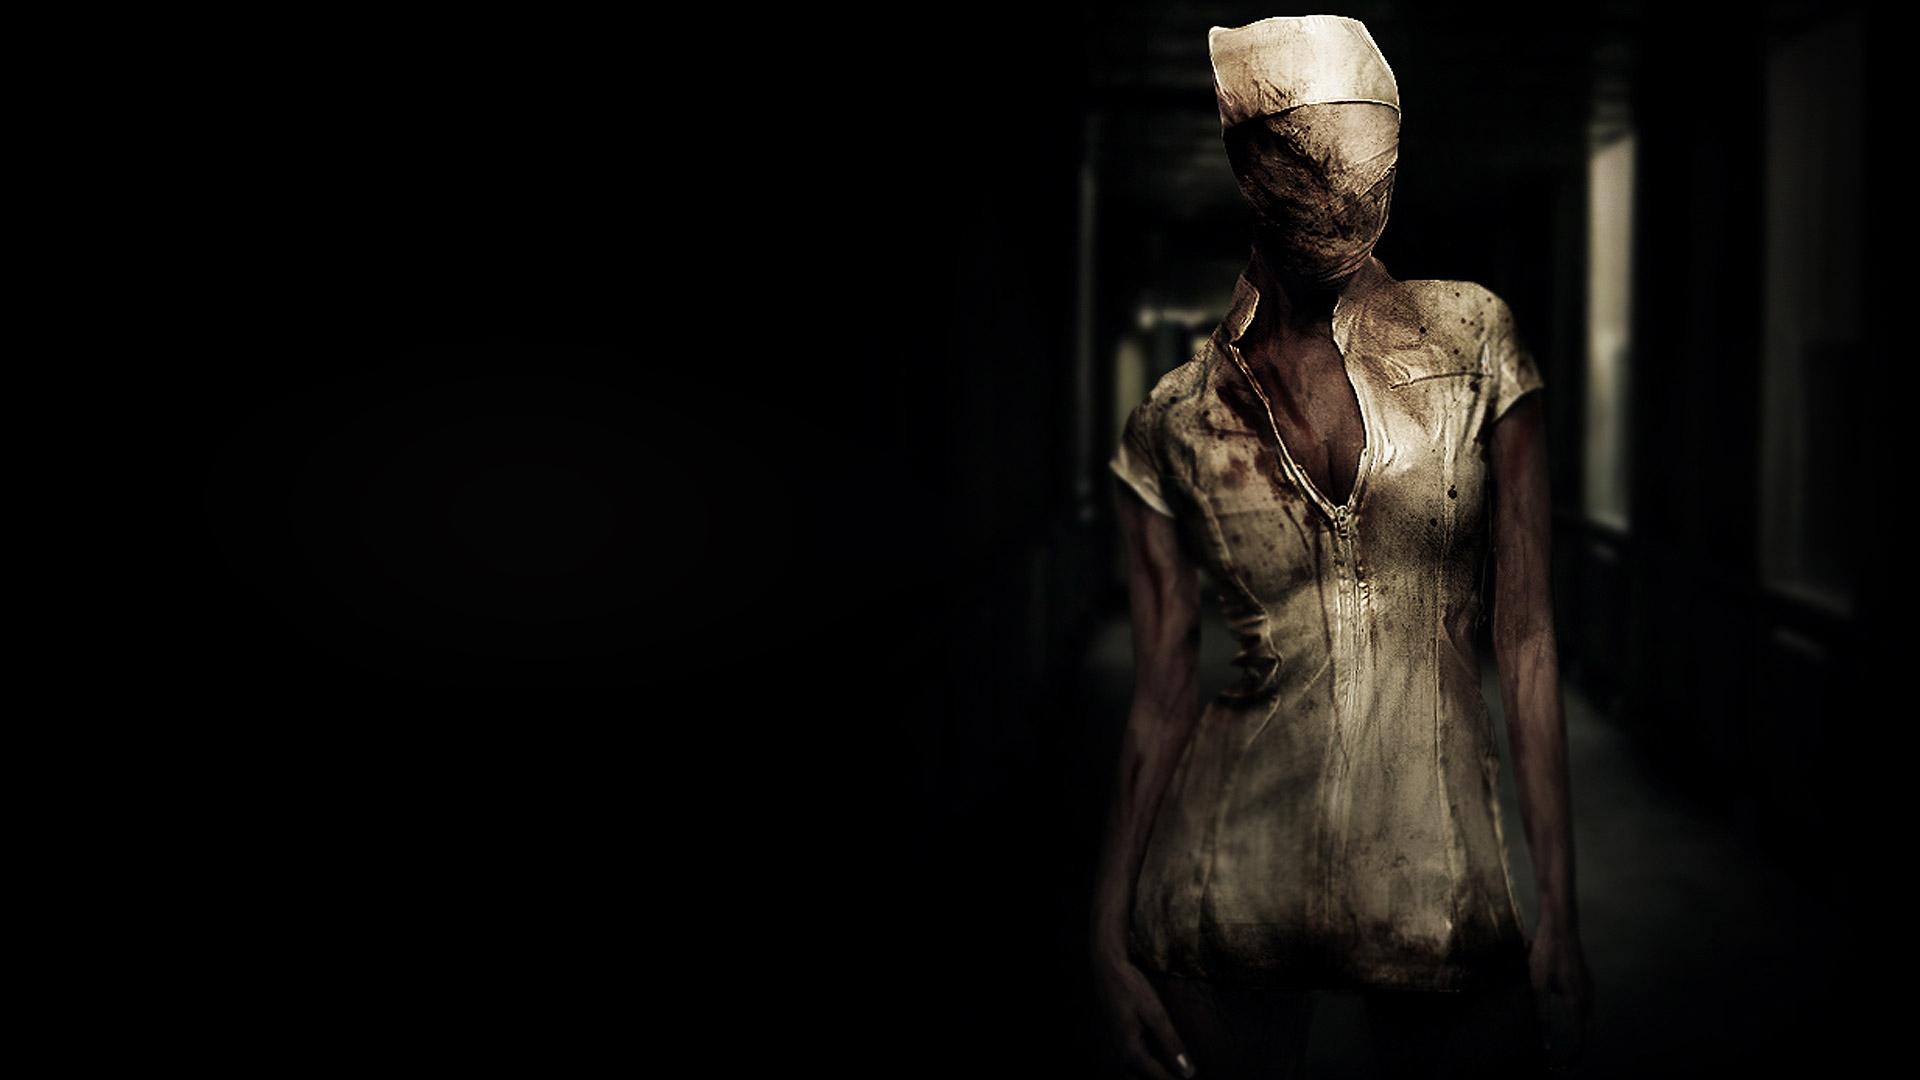 48 Hd Horror Wallpapers 1080p On Wallpapersafari